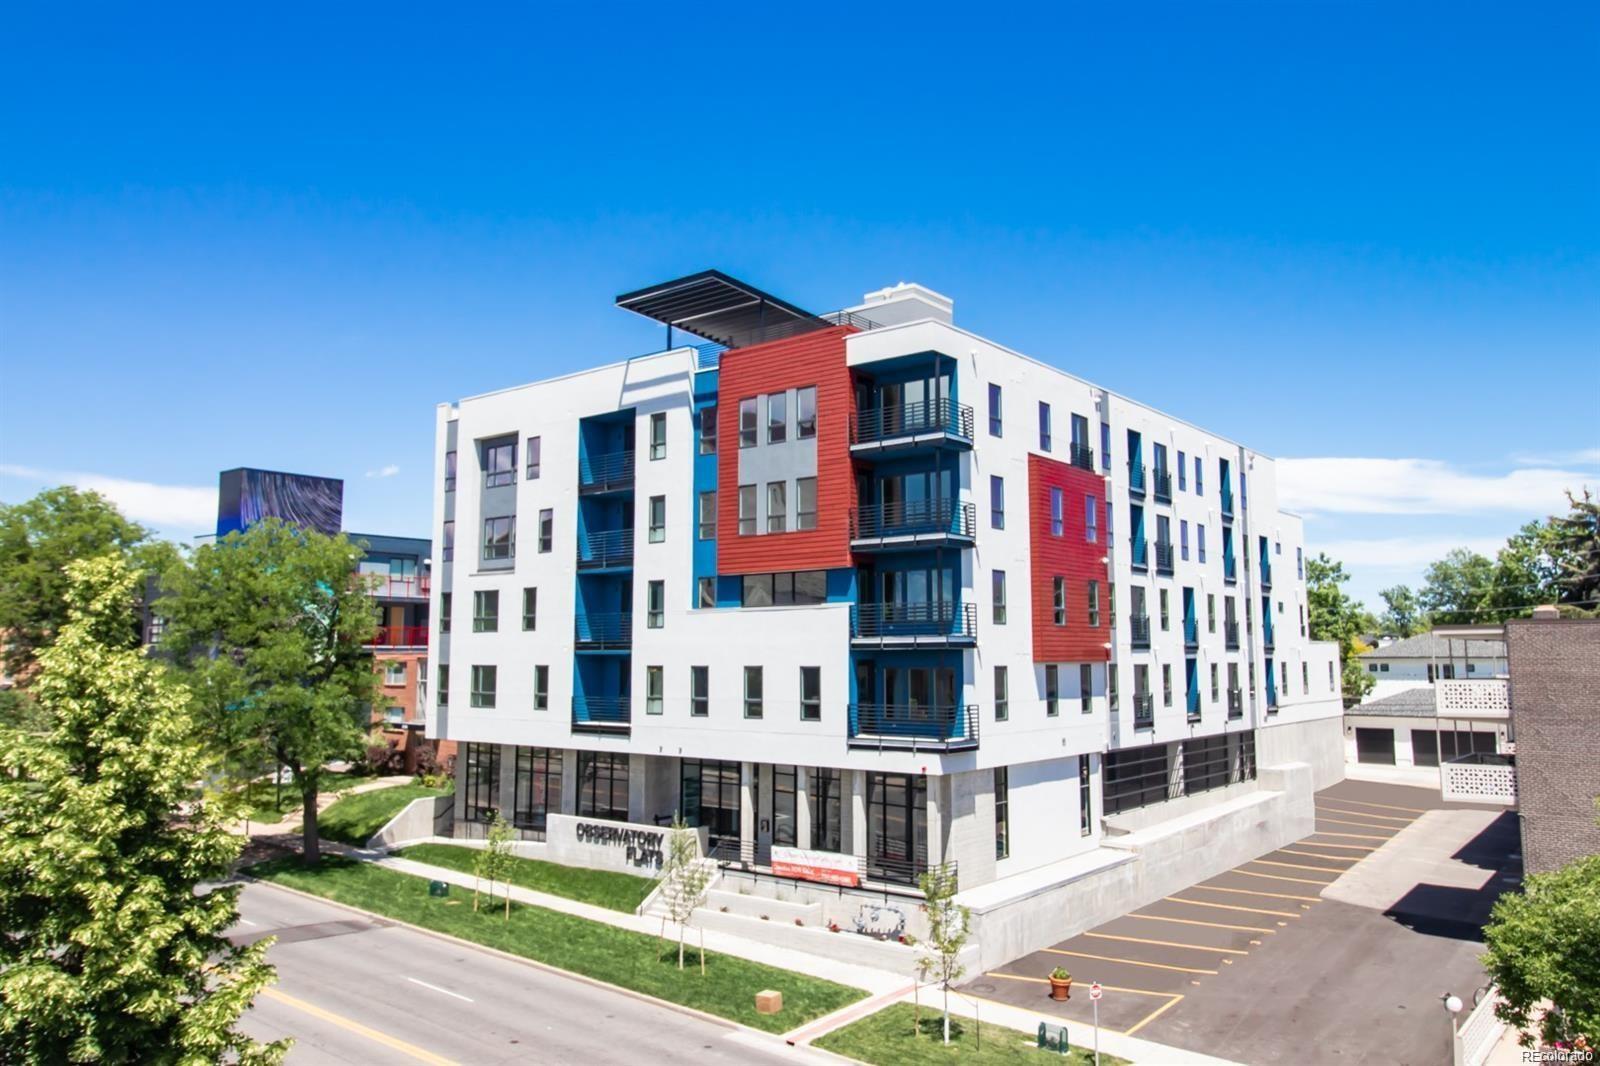 MLS# 2196884 - 2 - 2374 S University Boulevard #203, Denver, CO 80210